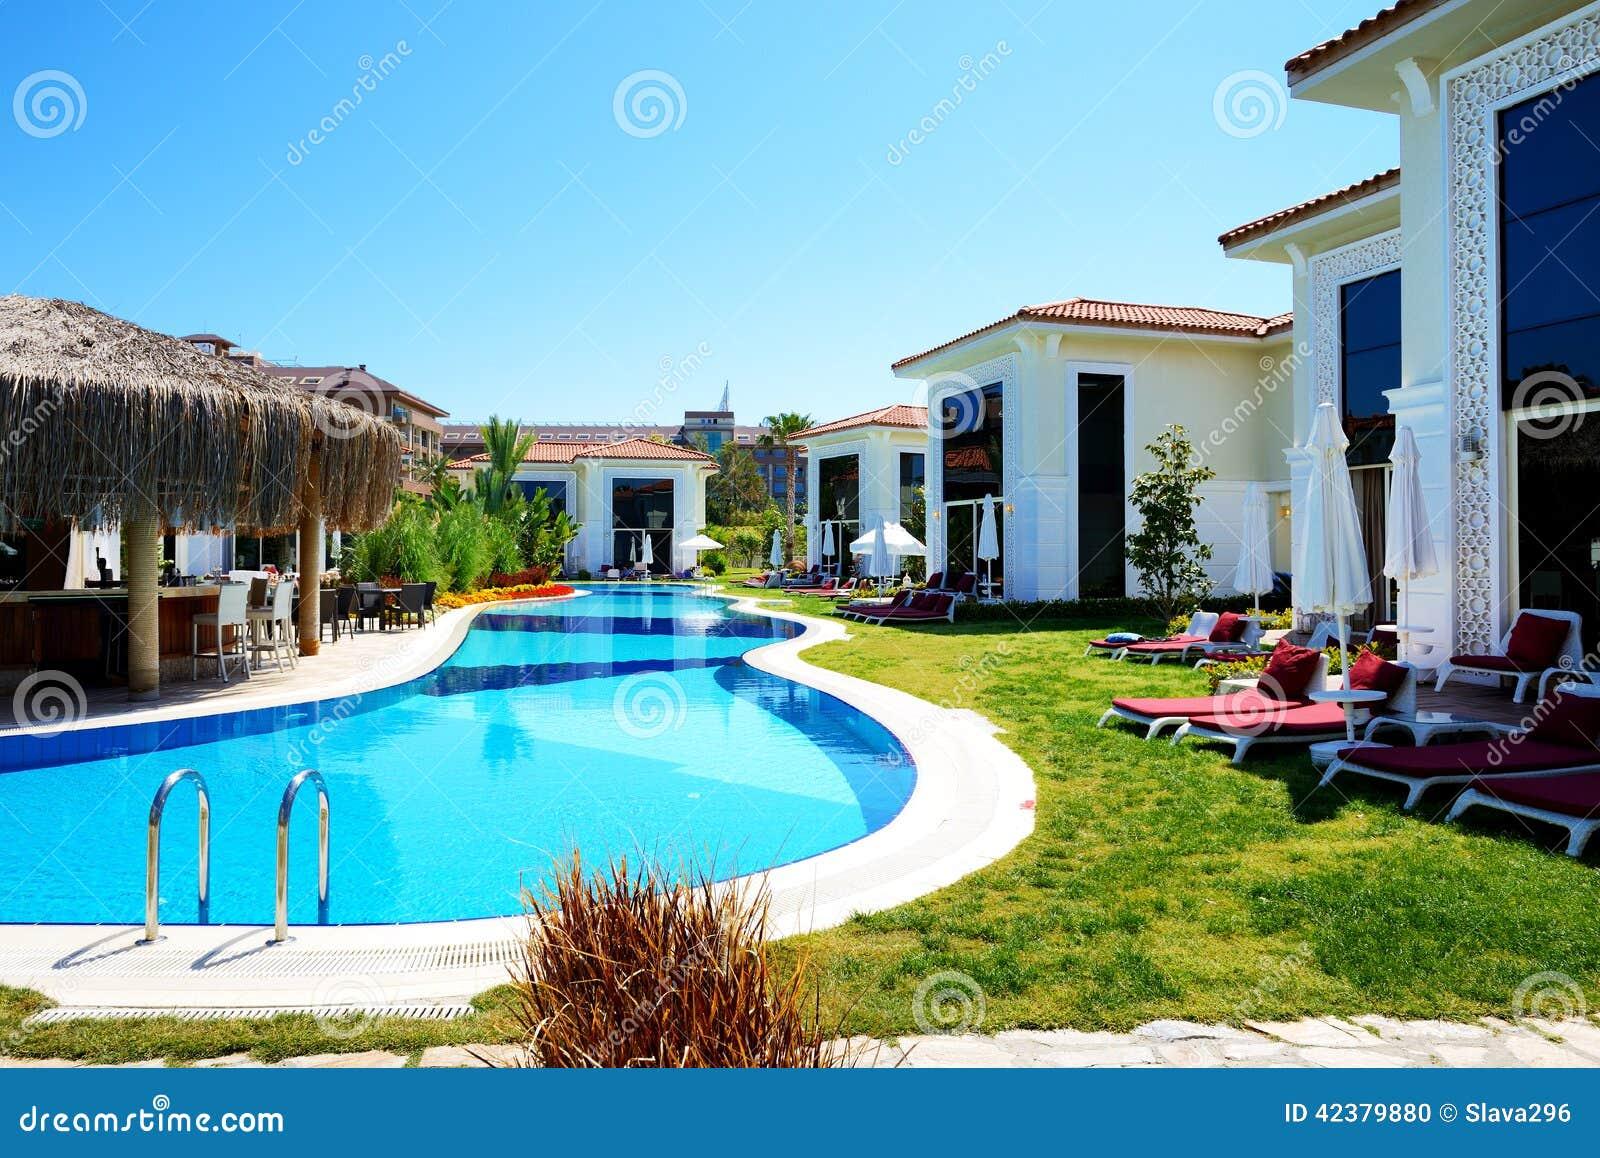 Casas de campo modernas com piscina no hotel de luxo foto for Imagenes de albercas modernas